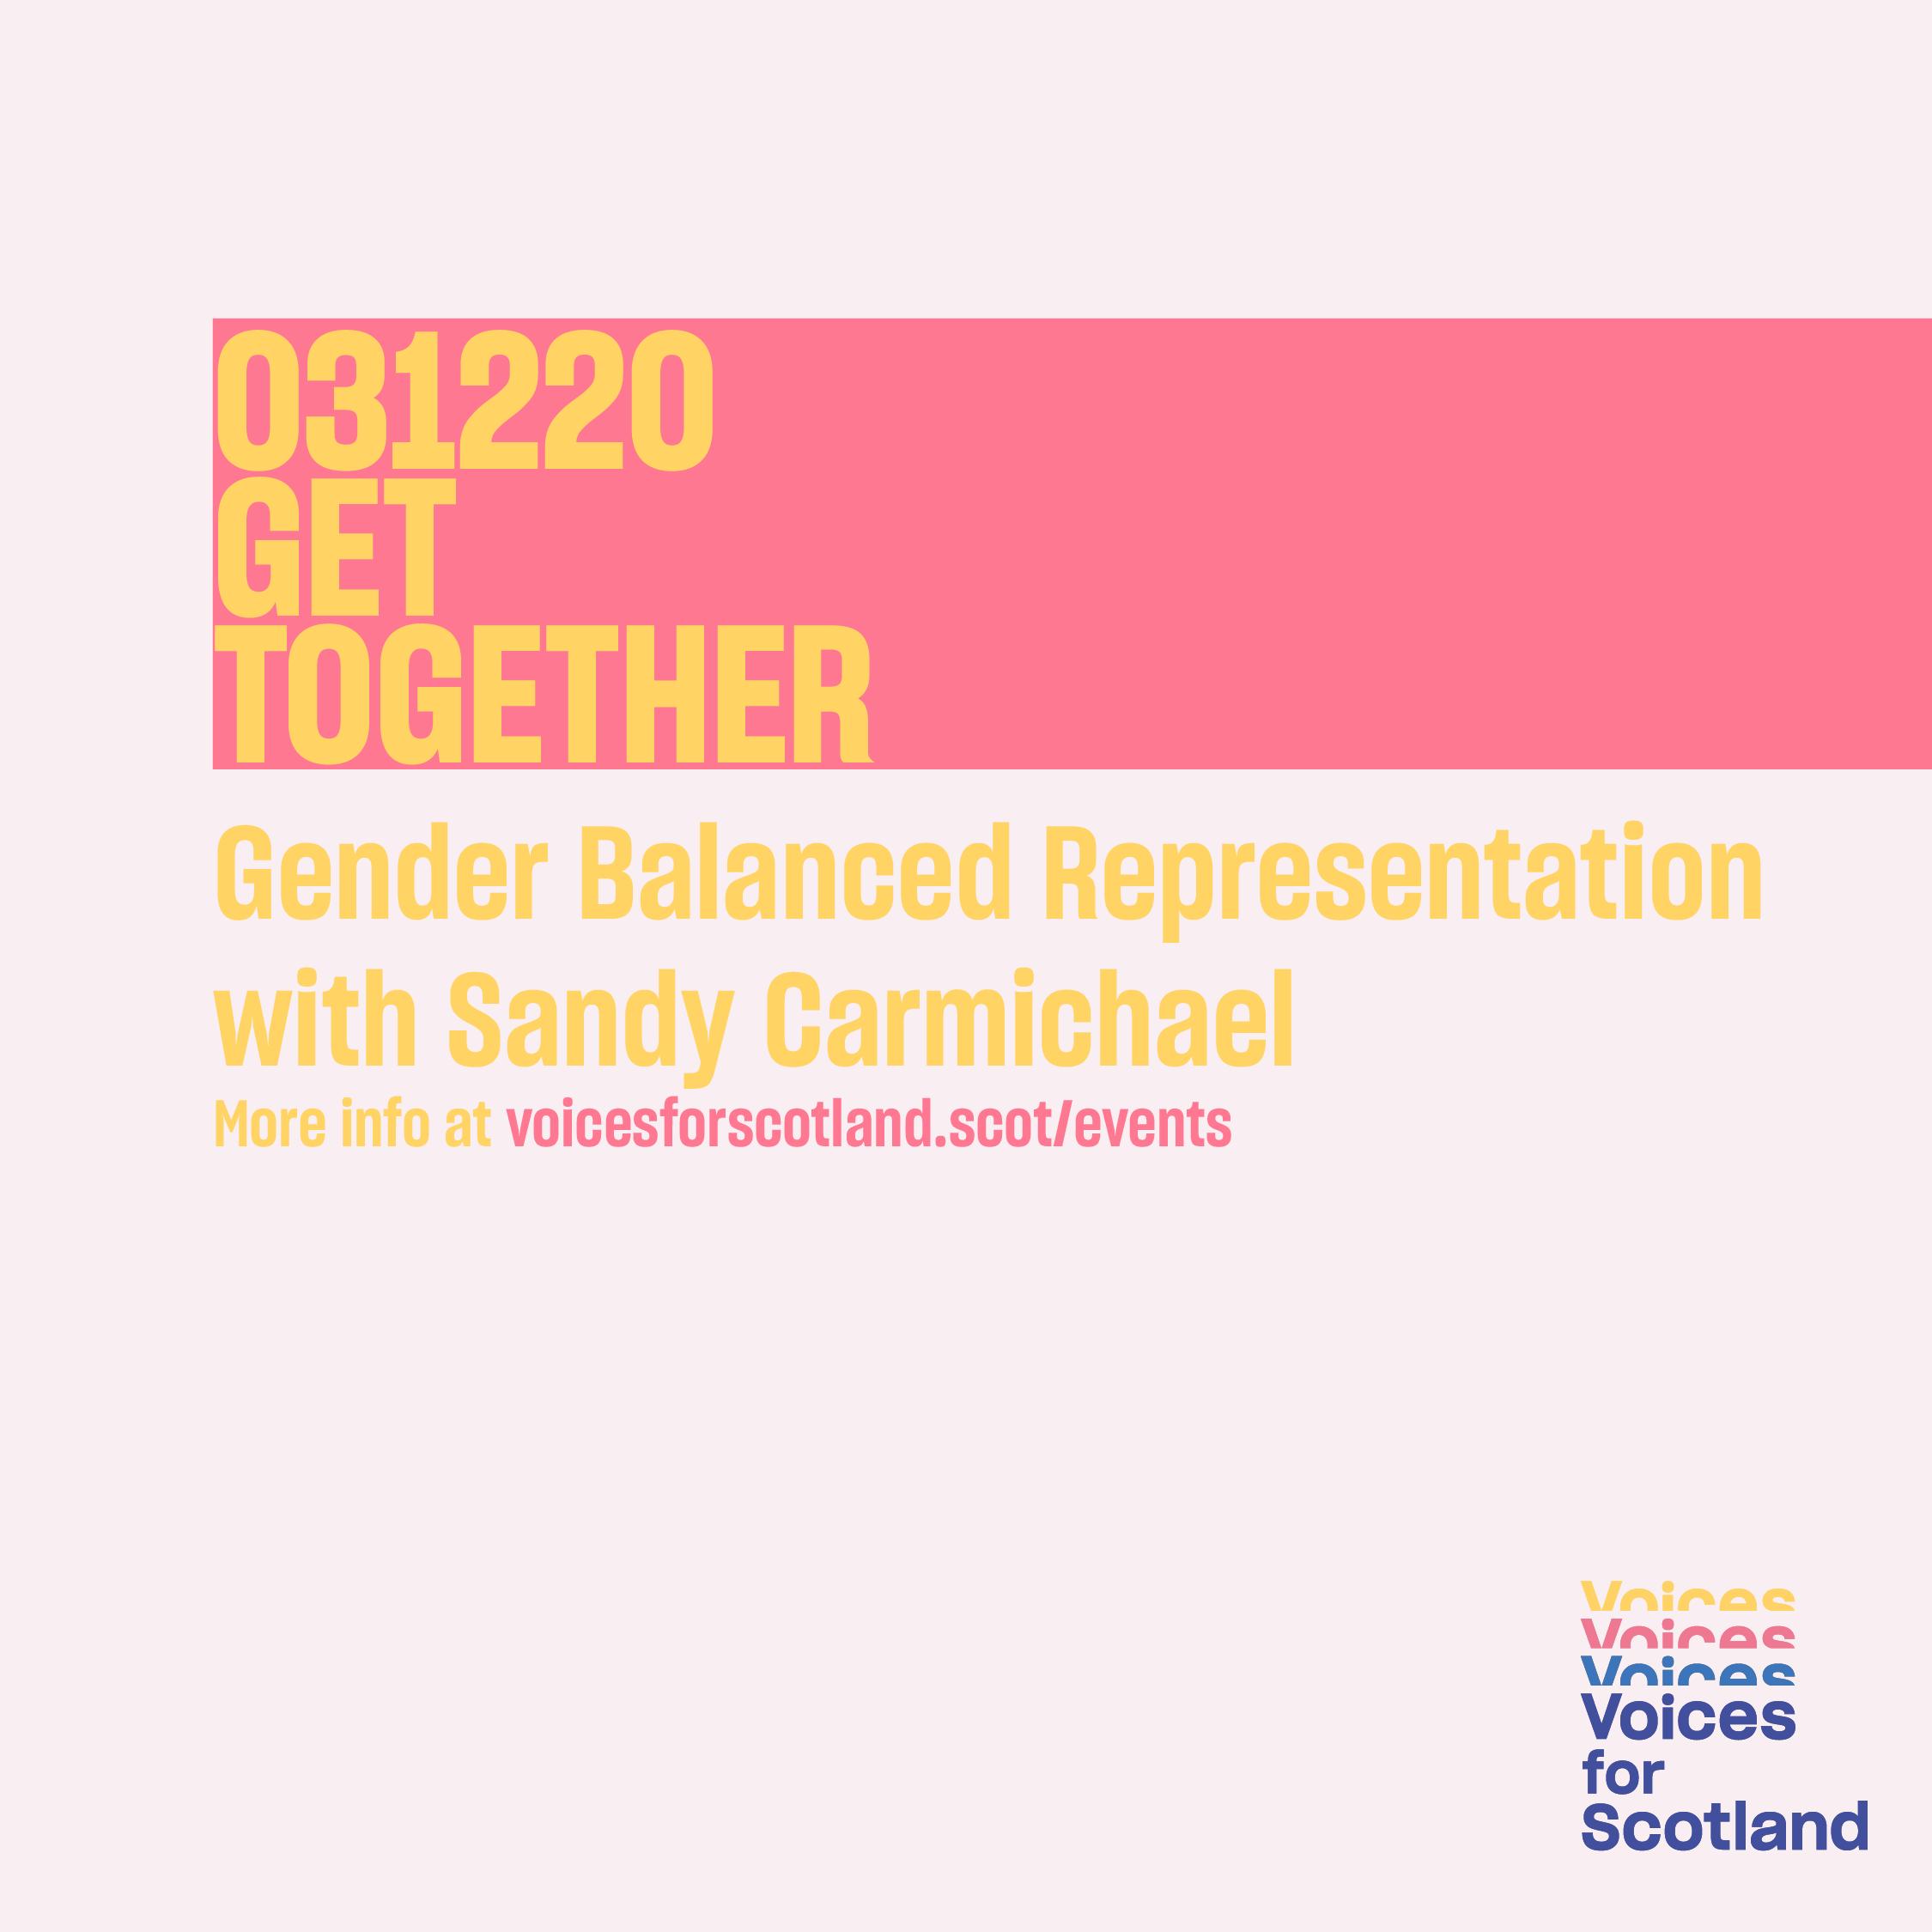 Poster for Get Together Event on 3 December